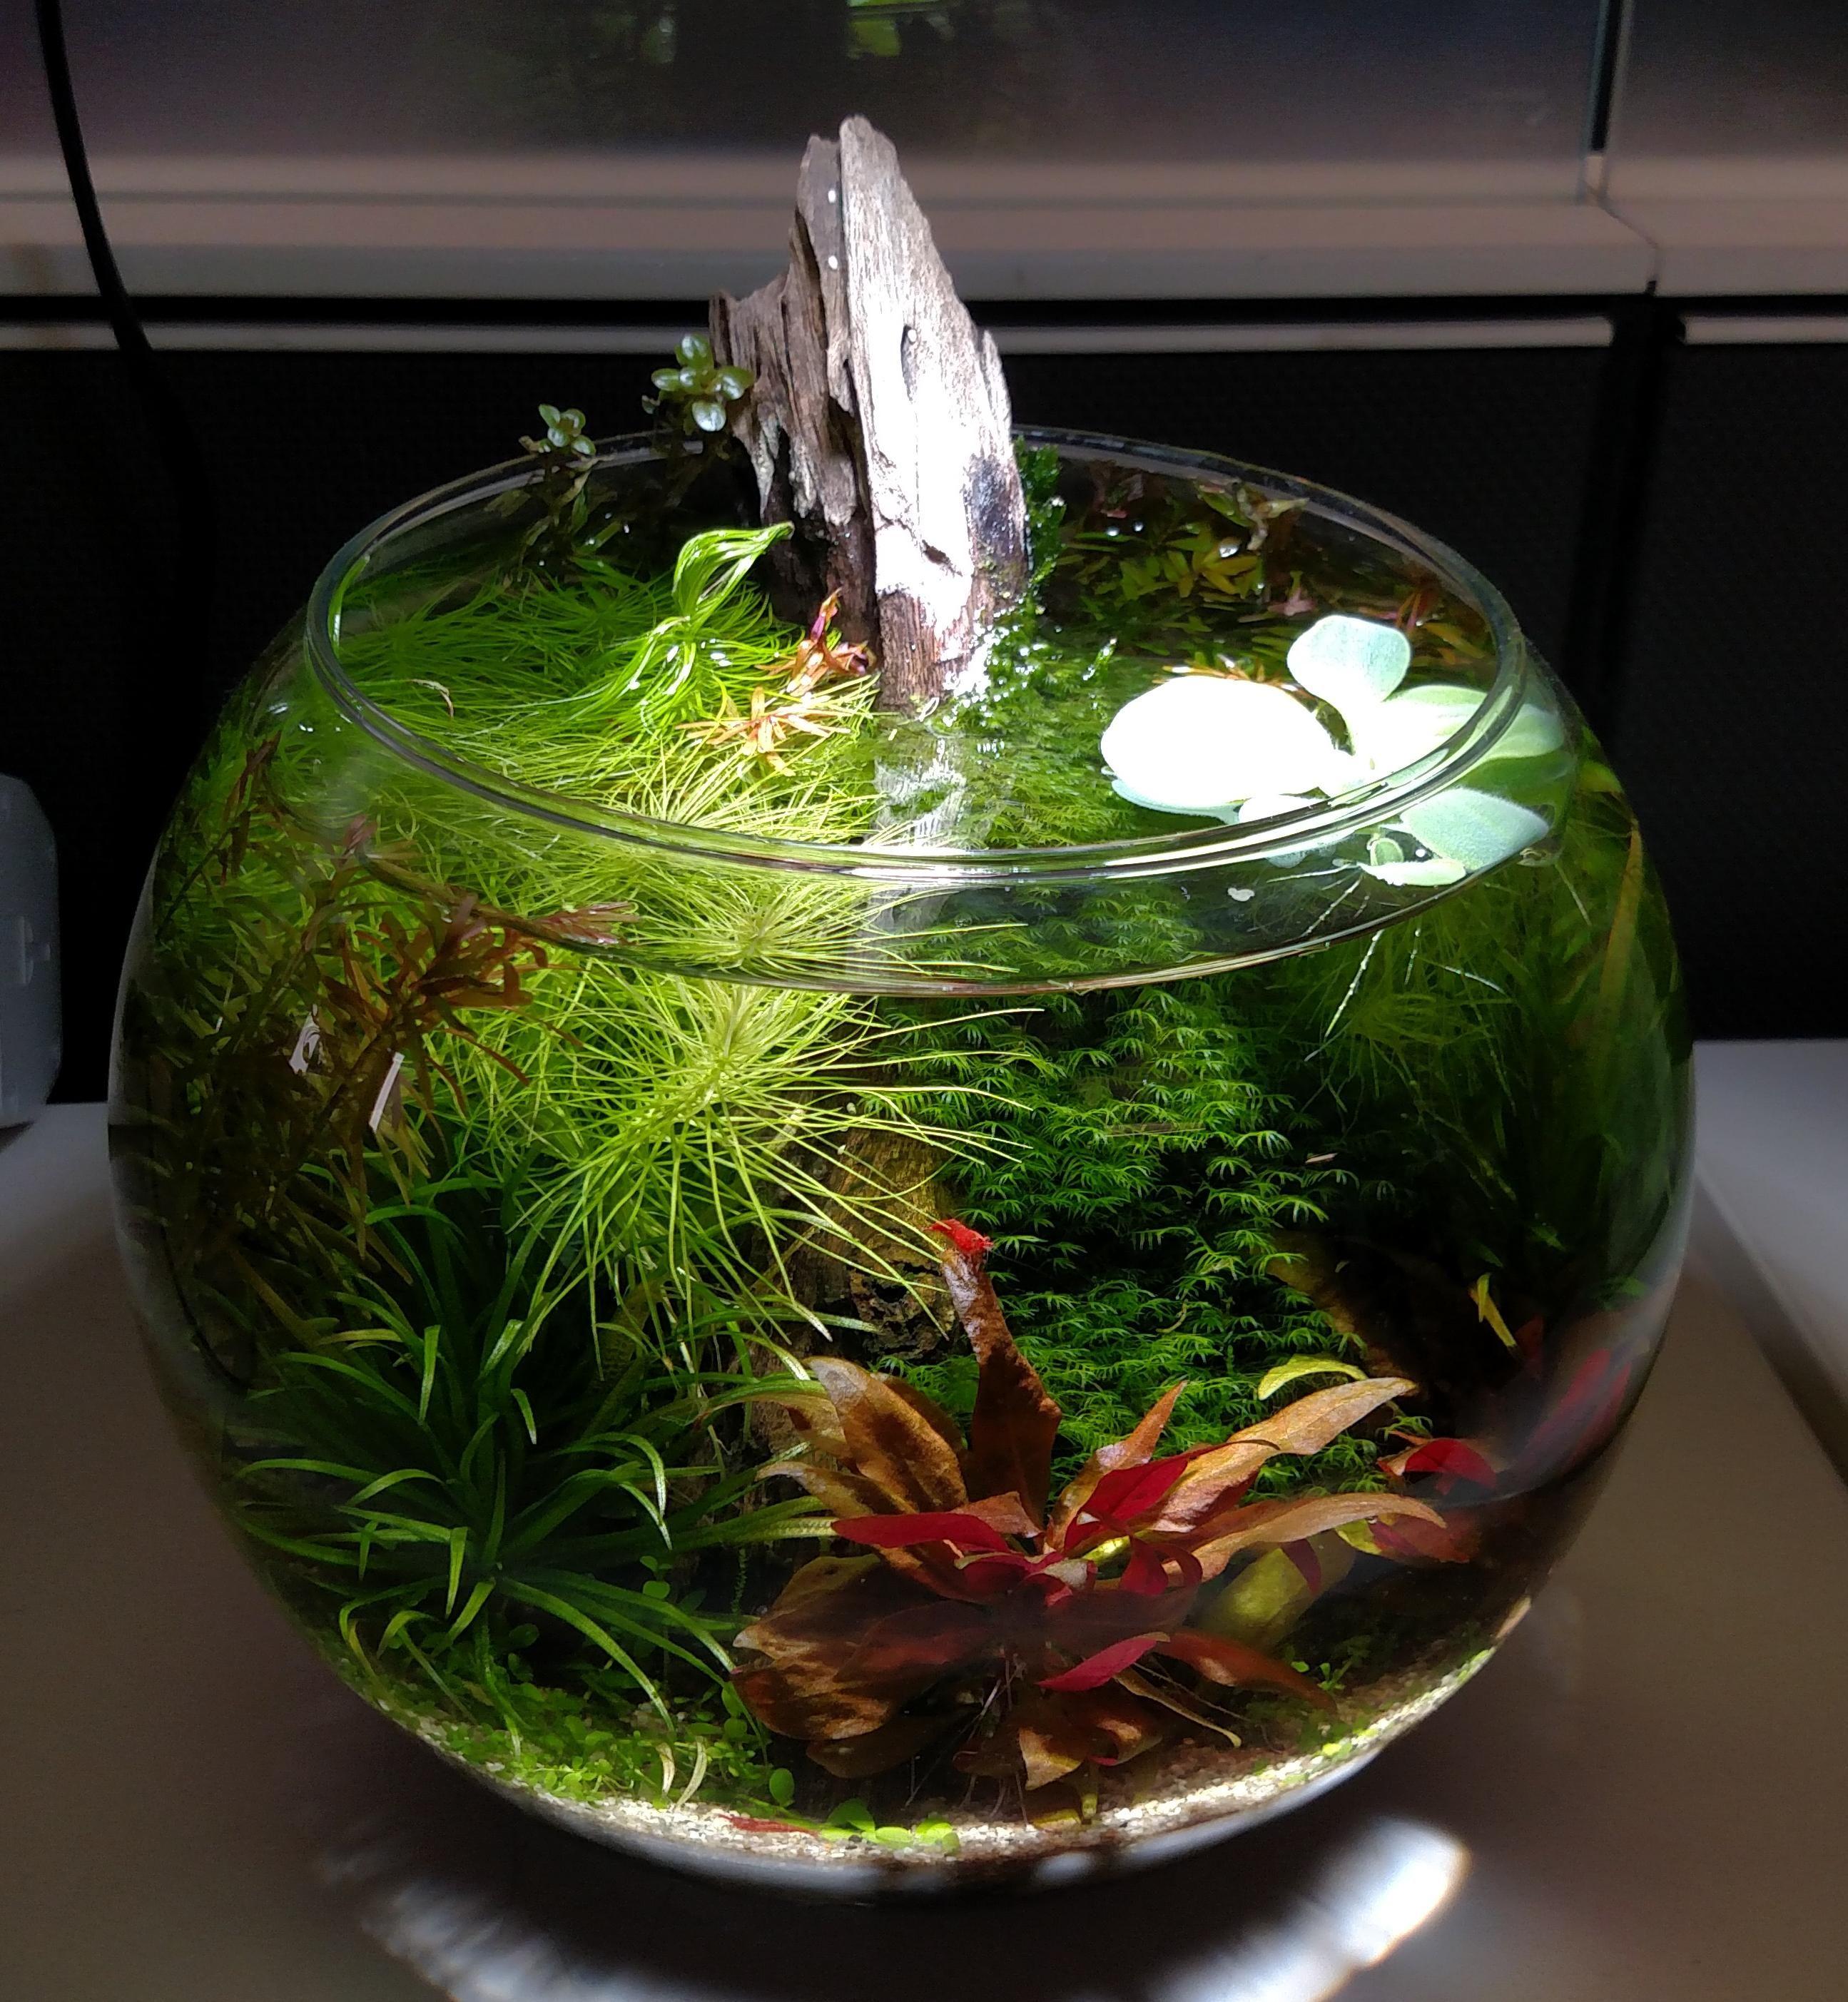 Flora rotala hra pogostemon erectus blyxa japonica for Fish bowl aquarium